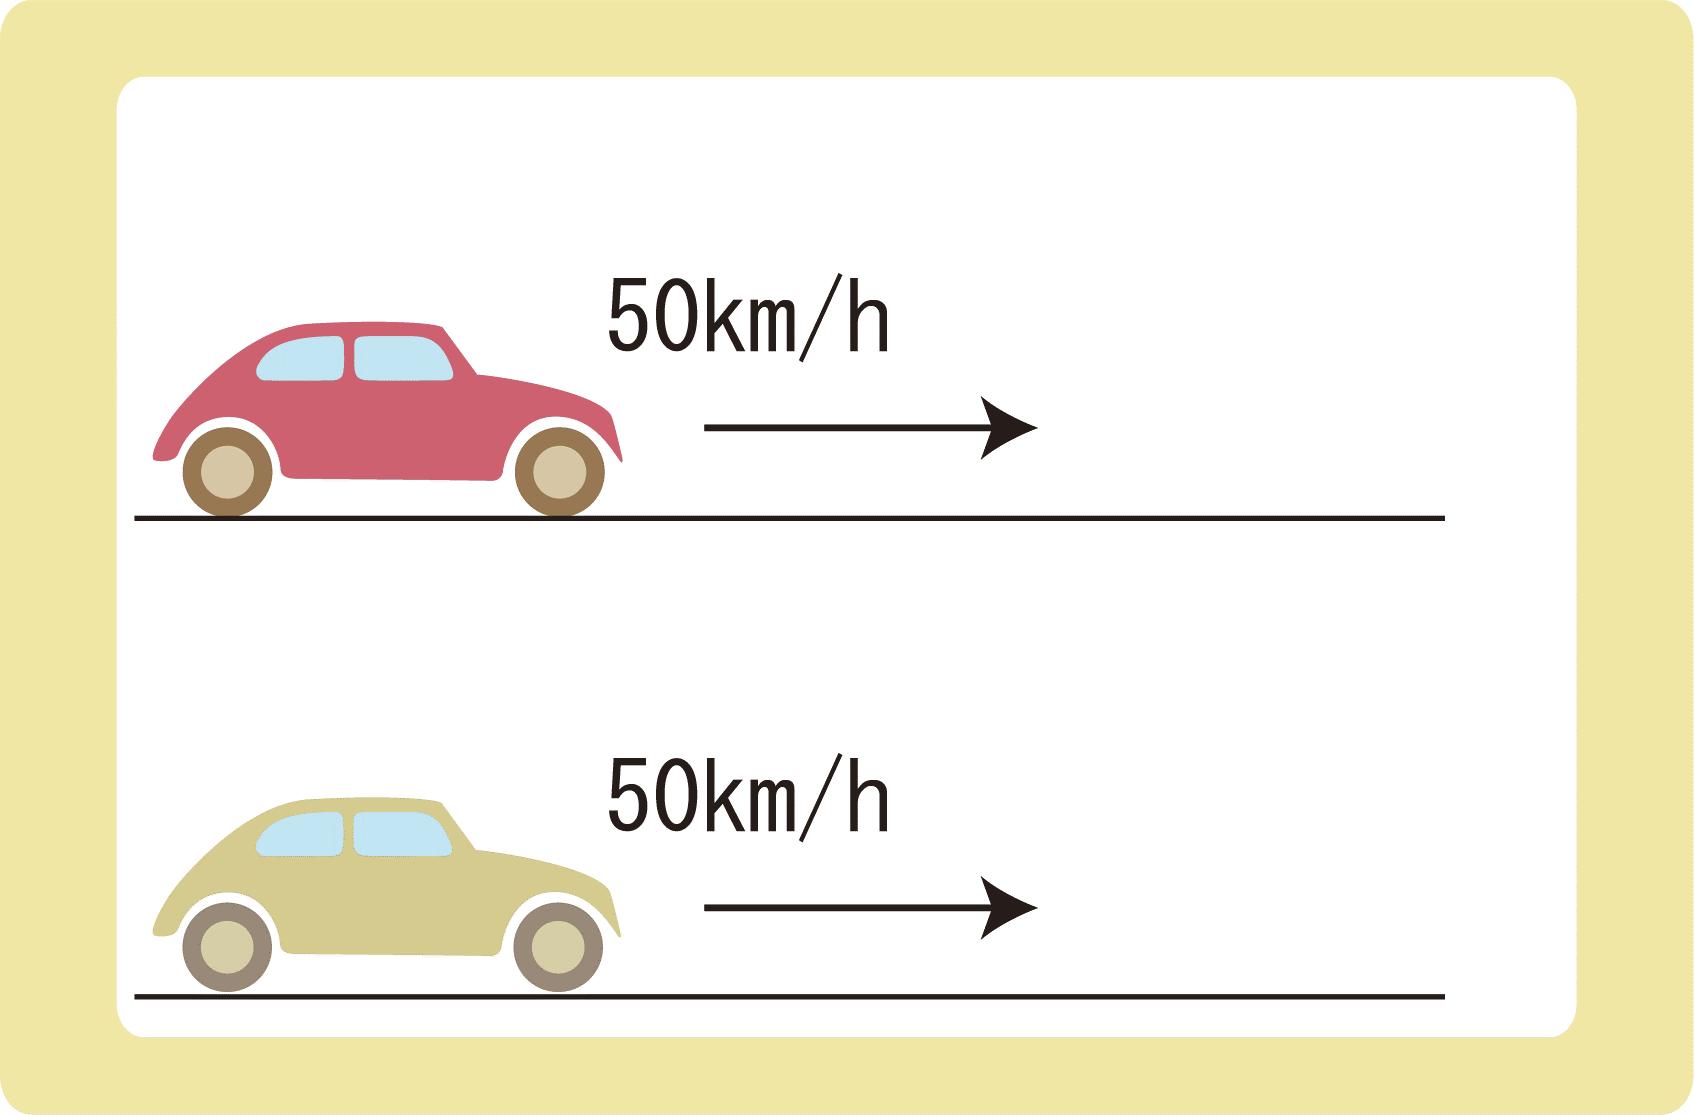 相対速度とは3